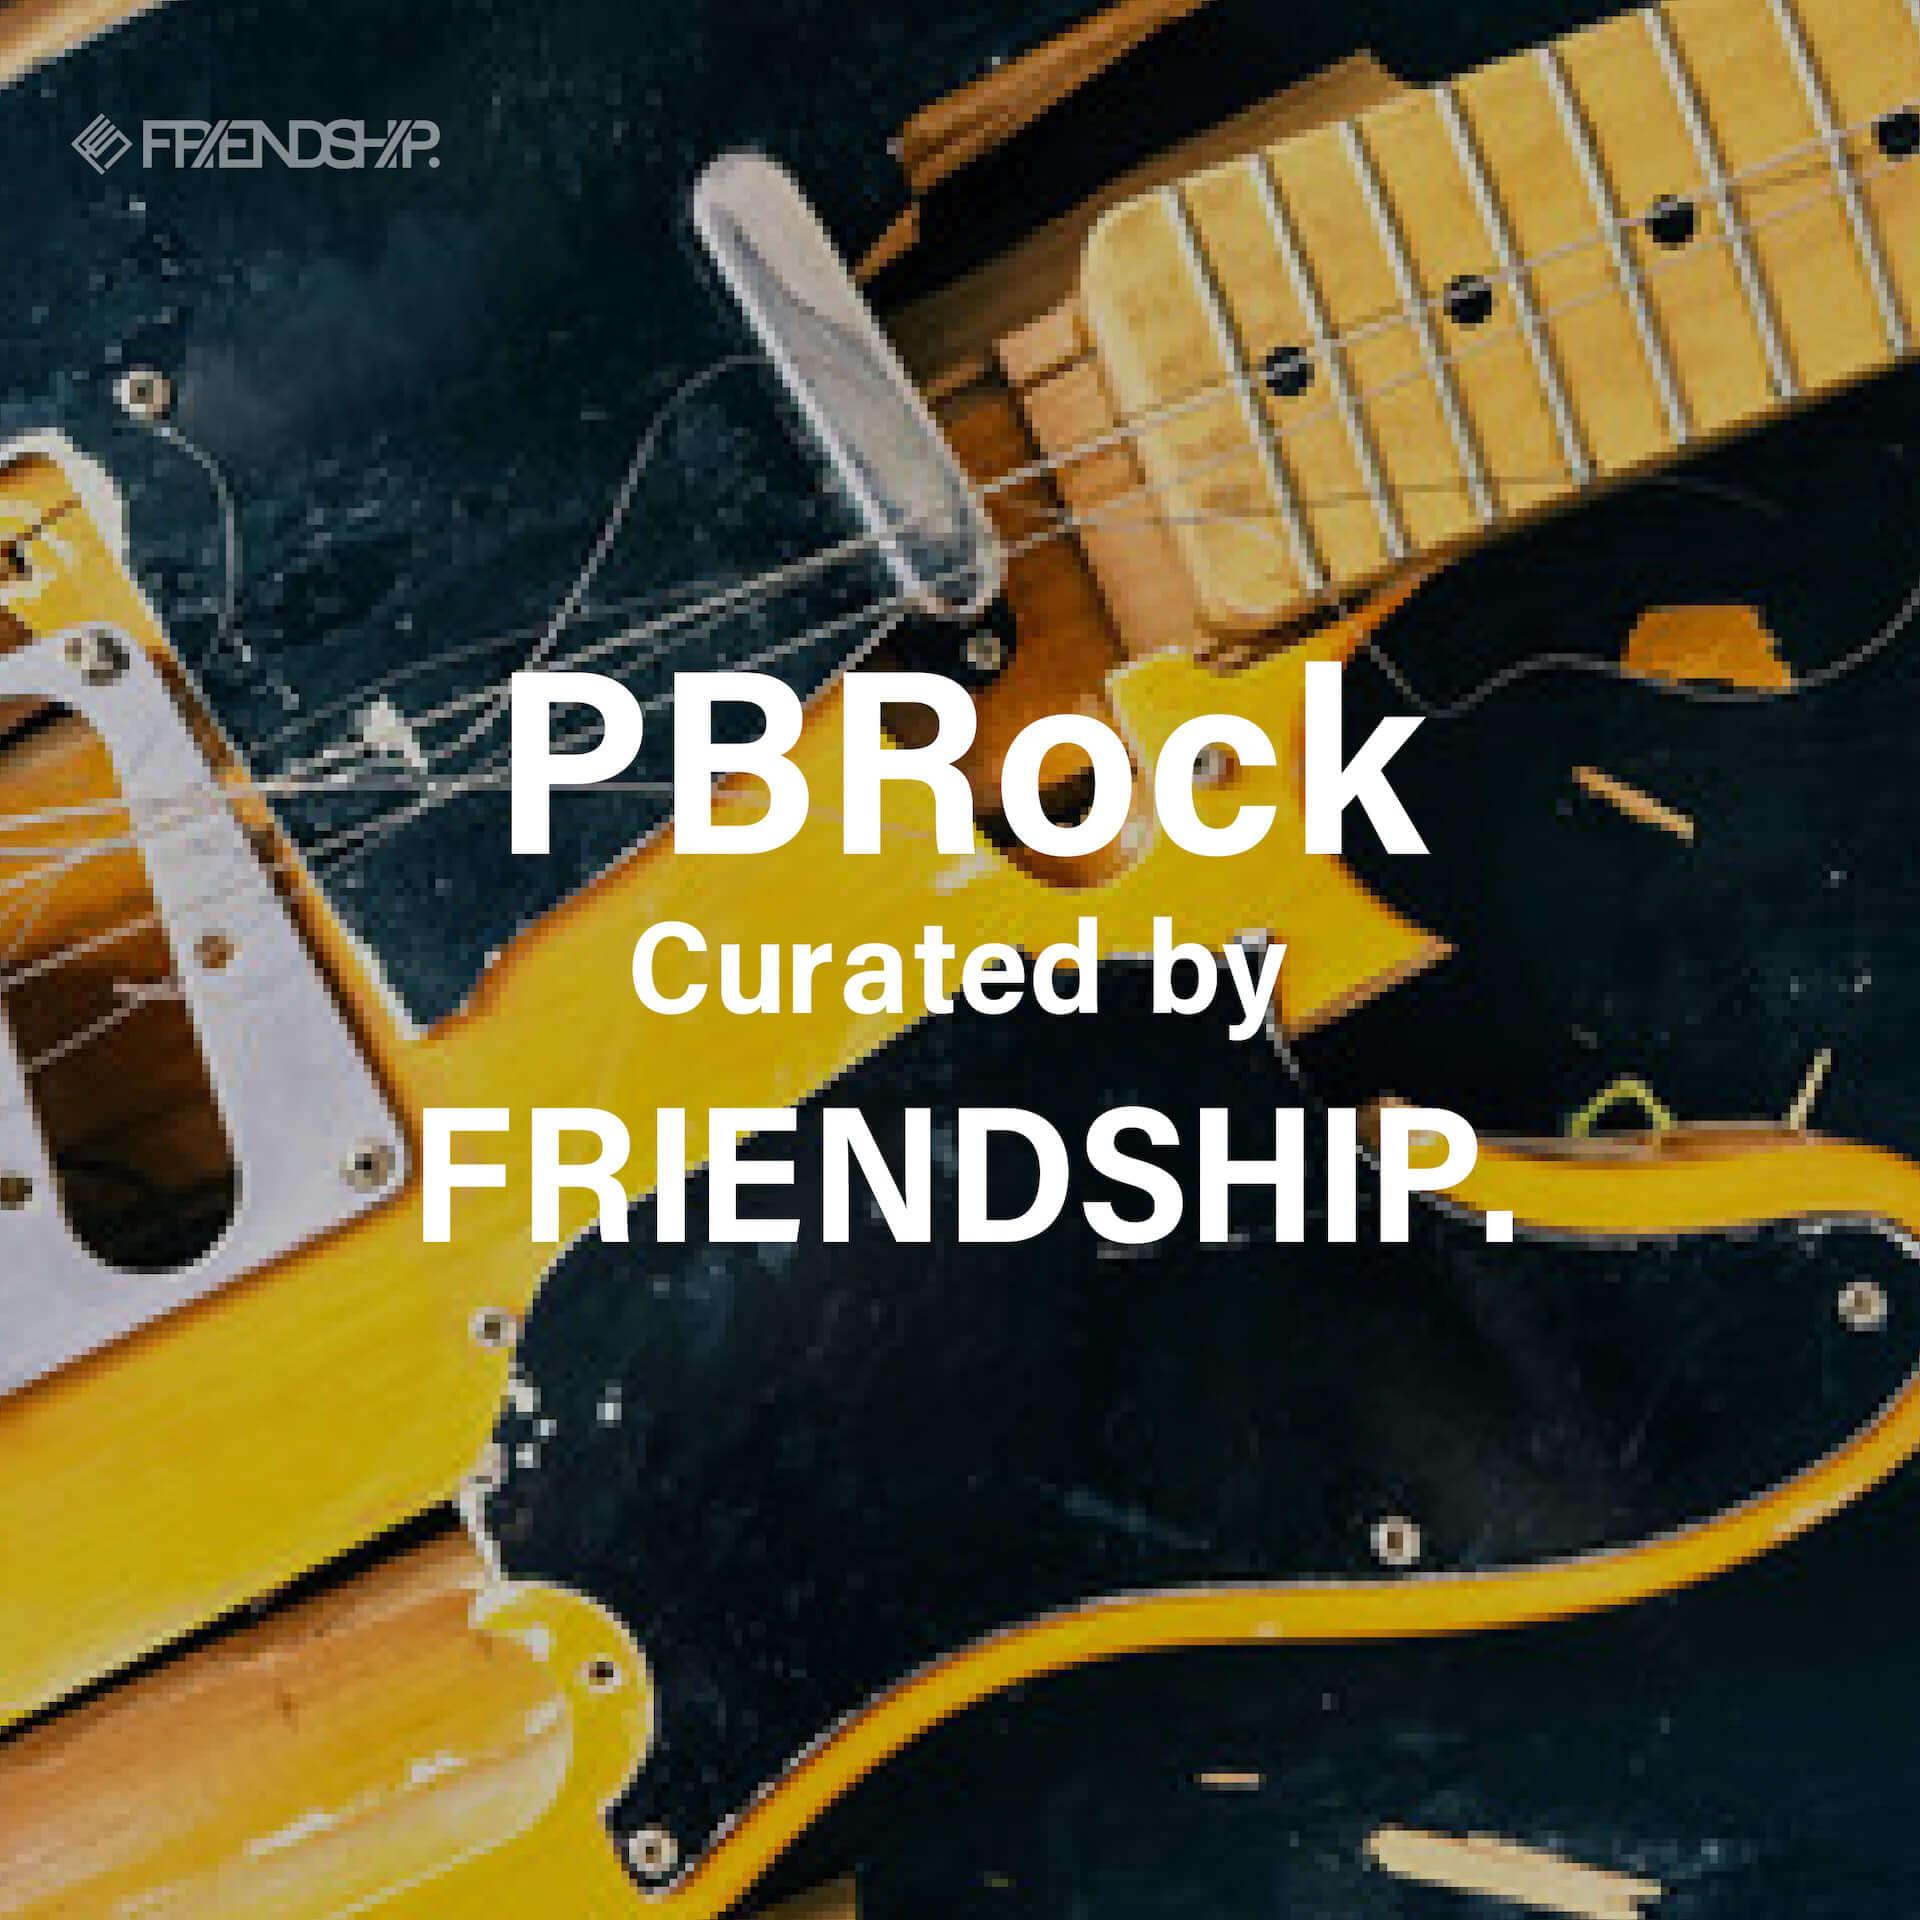 「FRIENDSHIP.」がApple Music公式キュレーターに選出!Solgasaによるプレイリストも公開 music210122_friendship_1-1920x1920